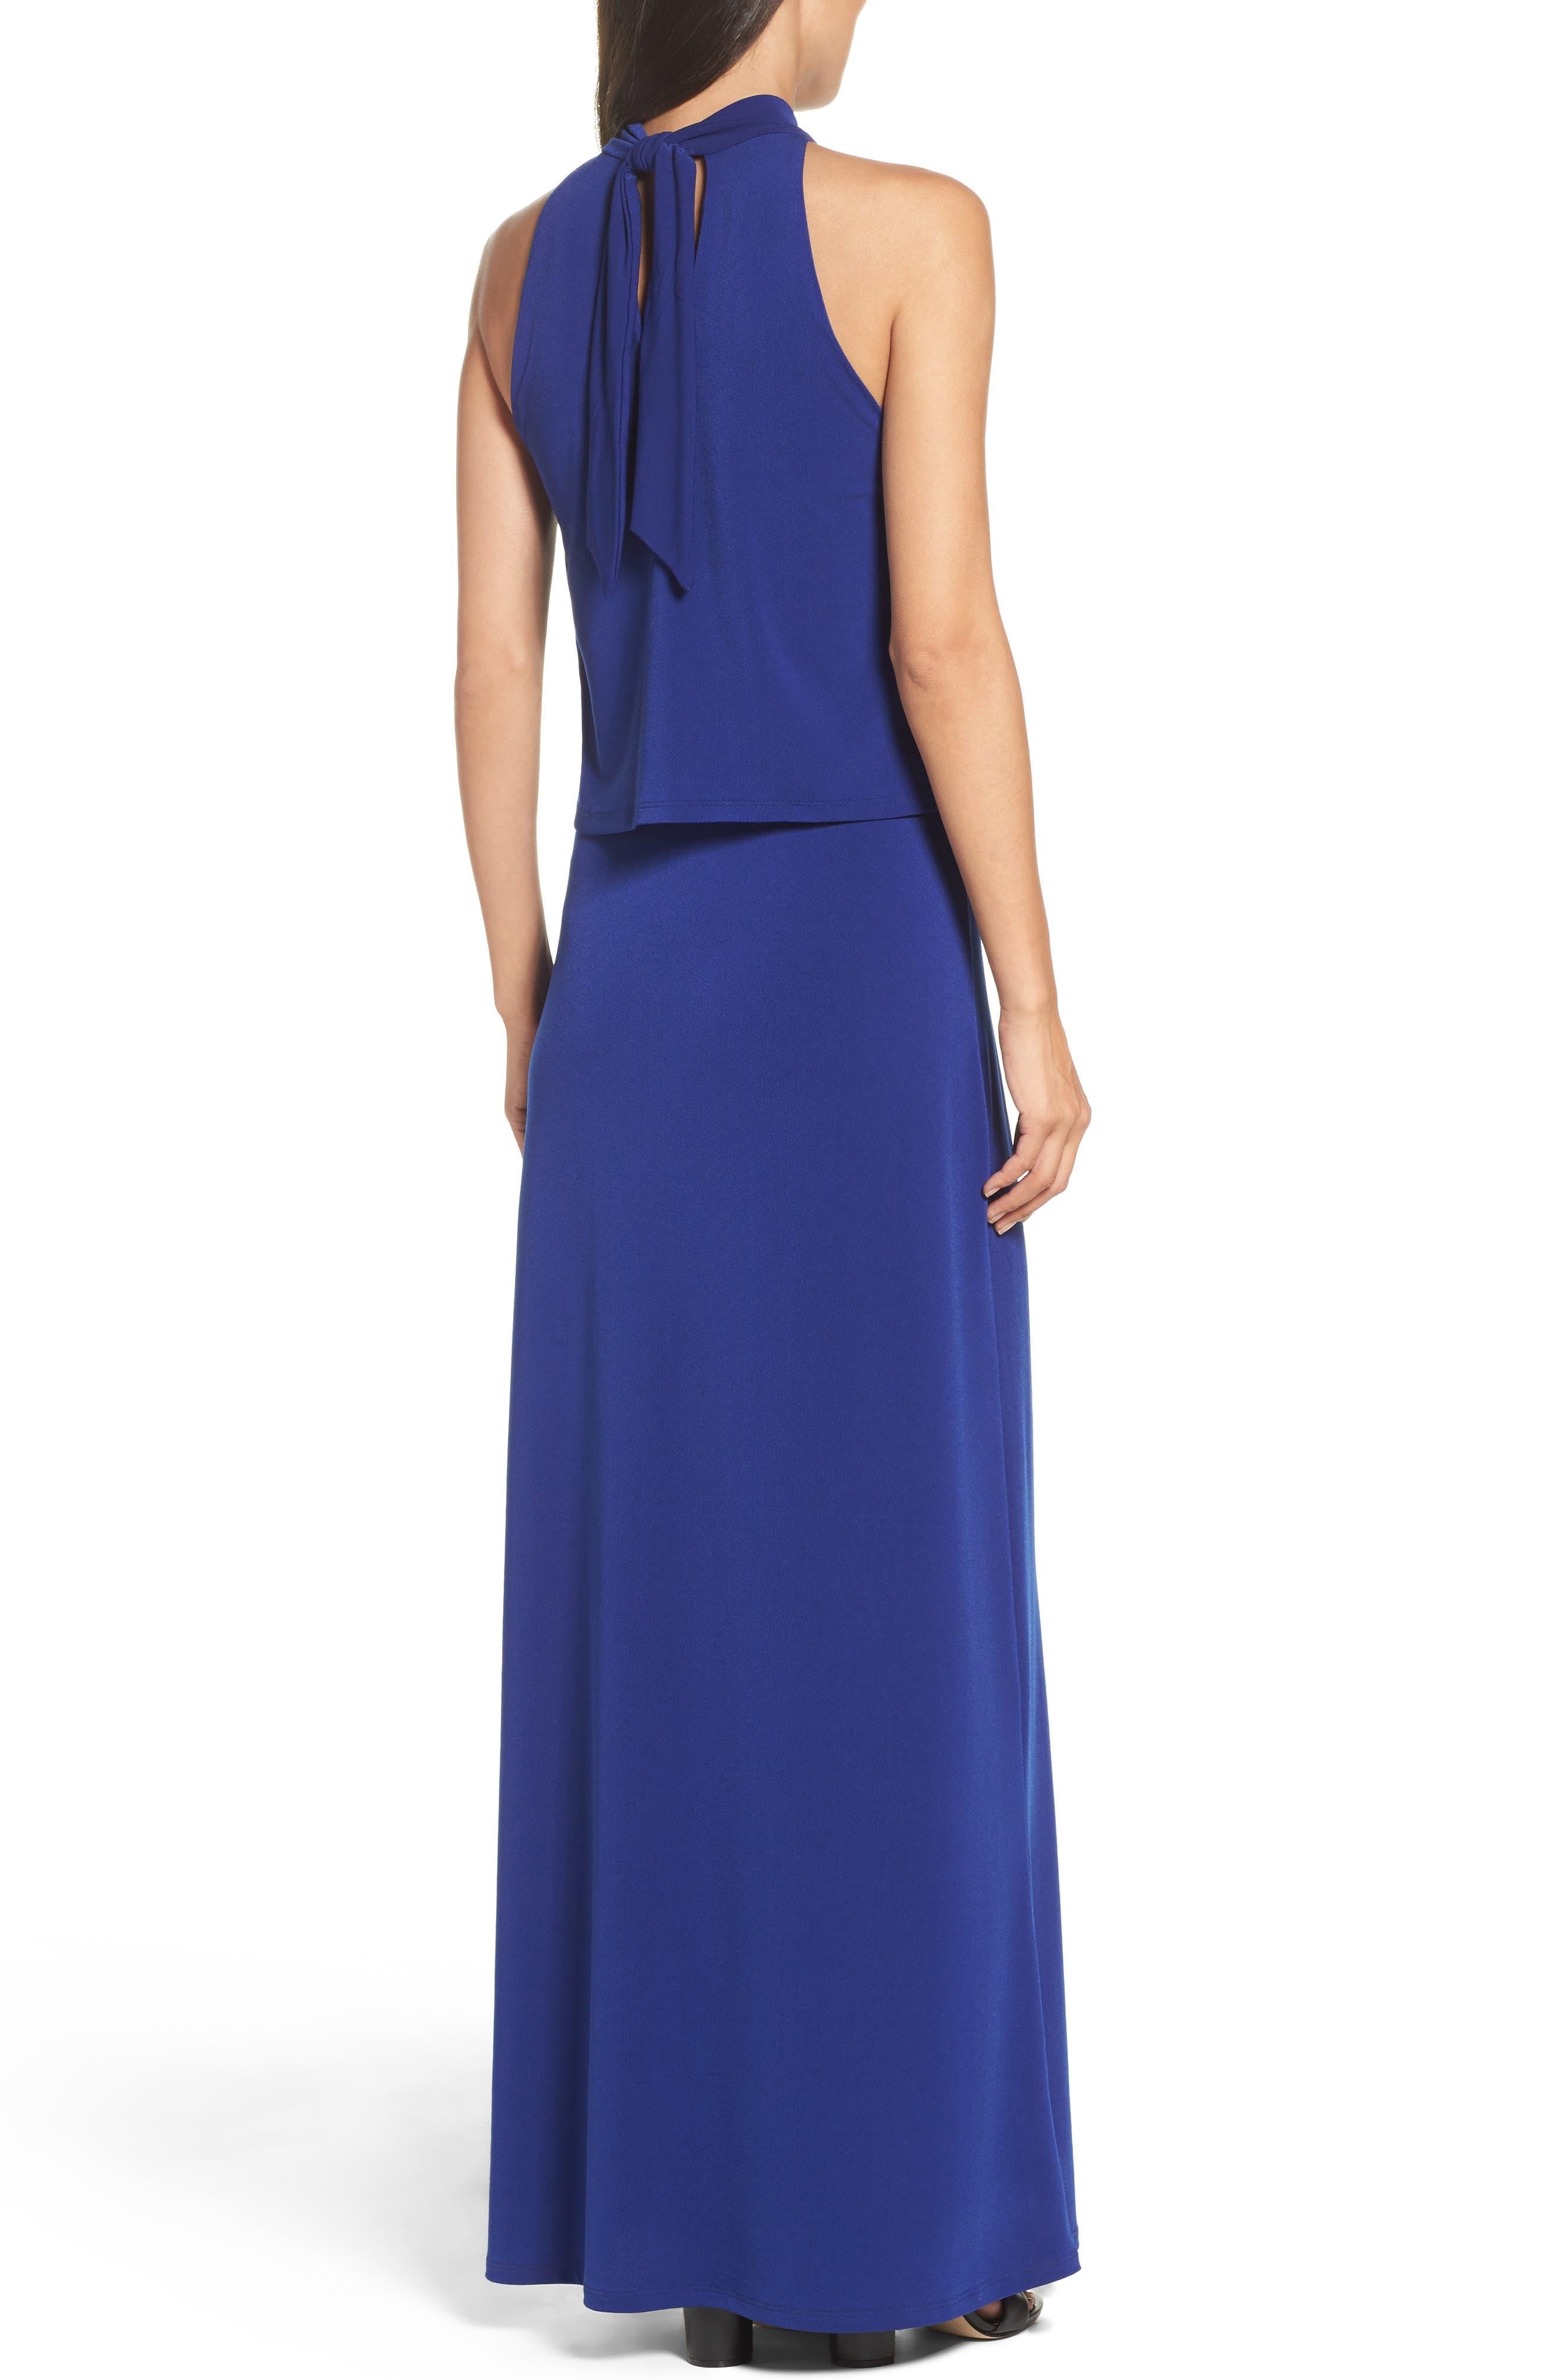 'Syler' Popover Jersey Maxi Dress,                             Alternate thumbnail 2, color,                             415